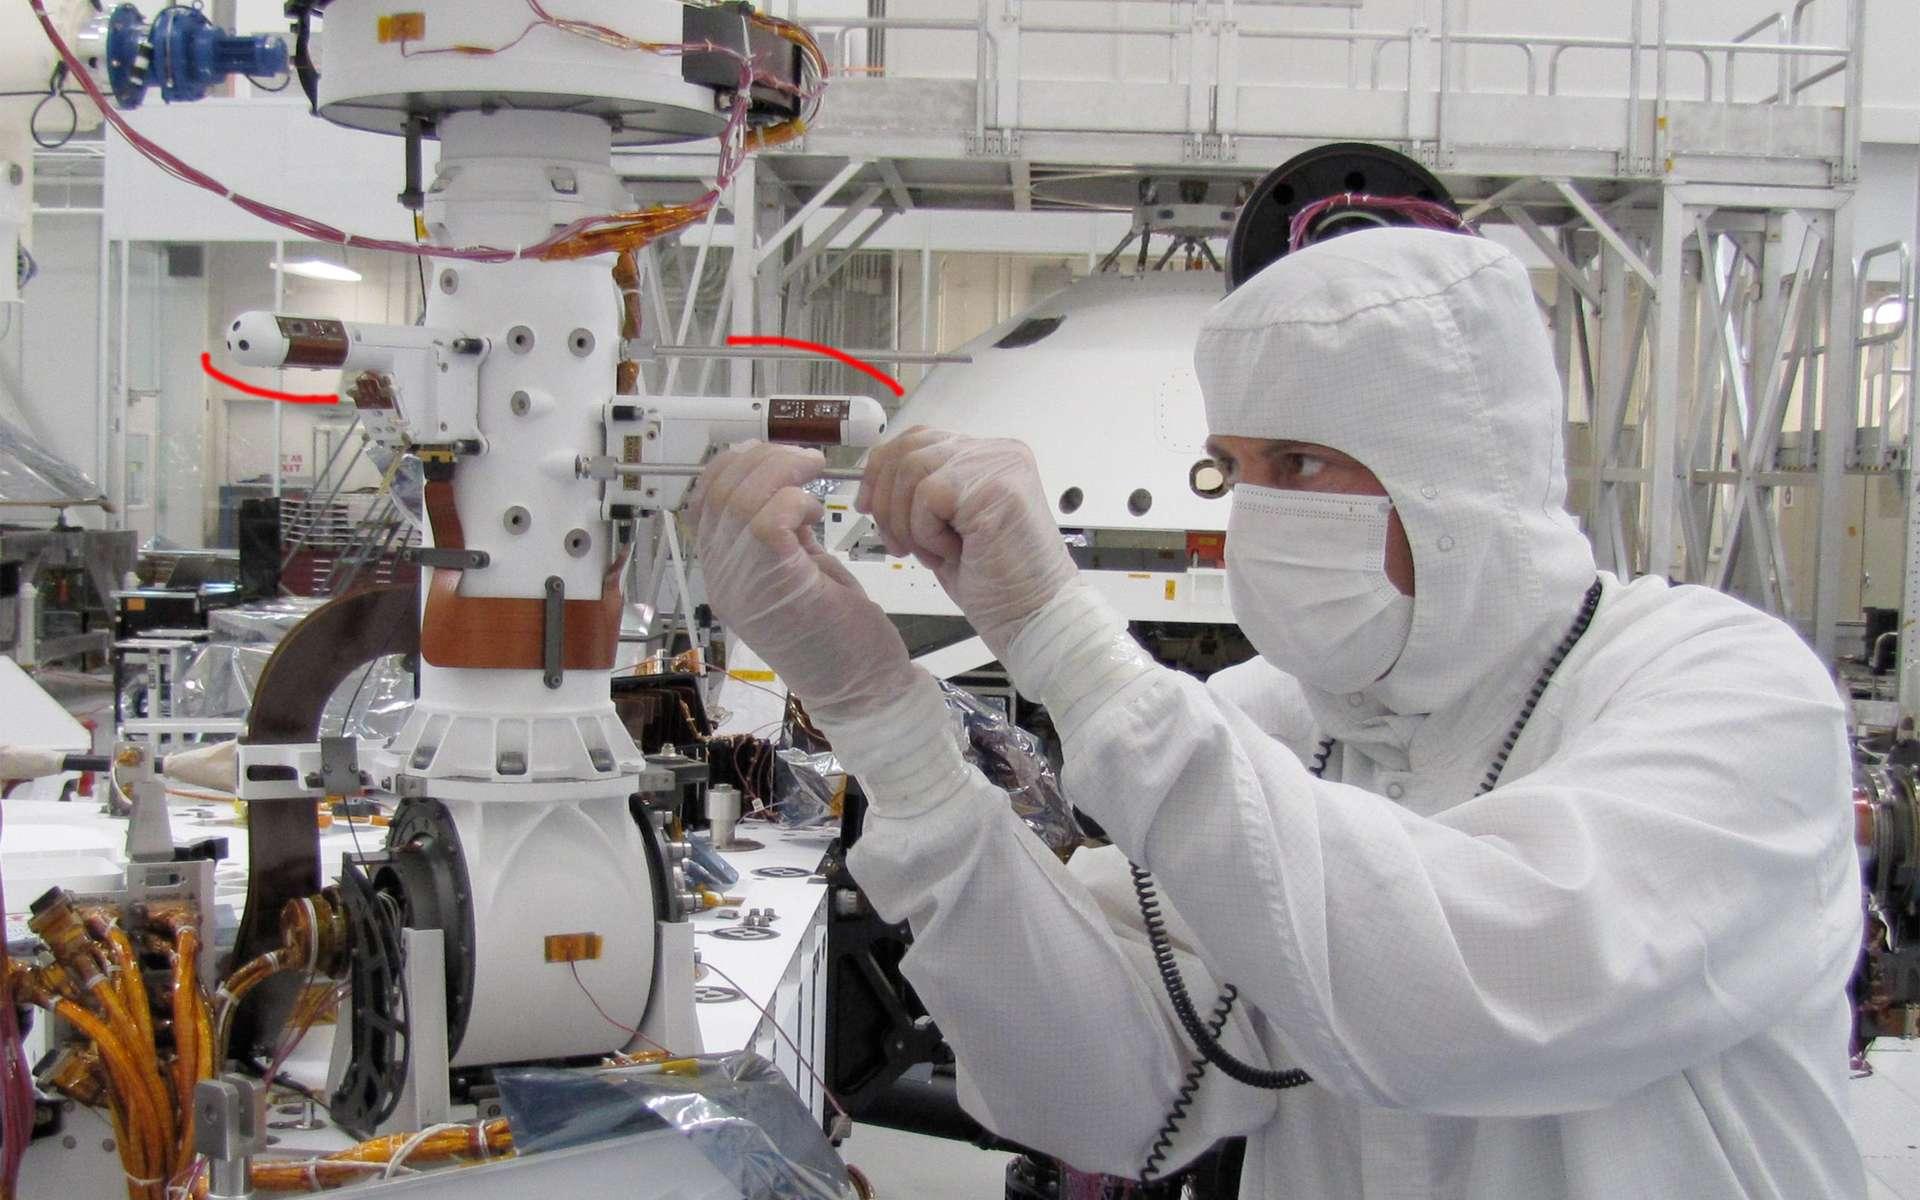 Installation sur le mât du rover Curiosity de deux capteurs de la station météorologique Rems (Rover Environmental Monitoring Station). D'autres capteurs sont installés sur la plateforme du rover. © Nasa/JPL-Caltech